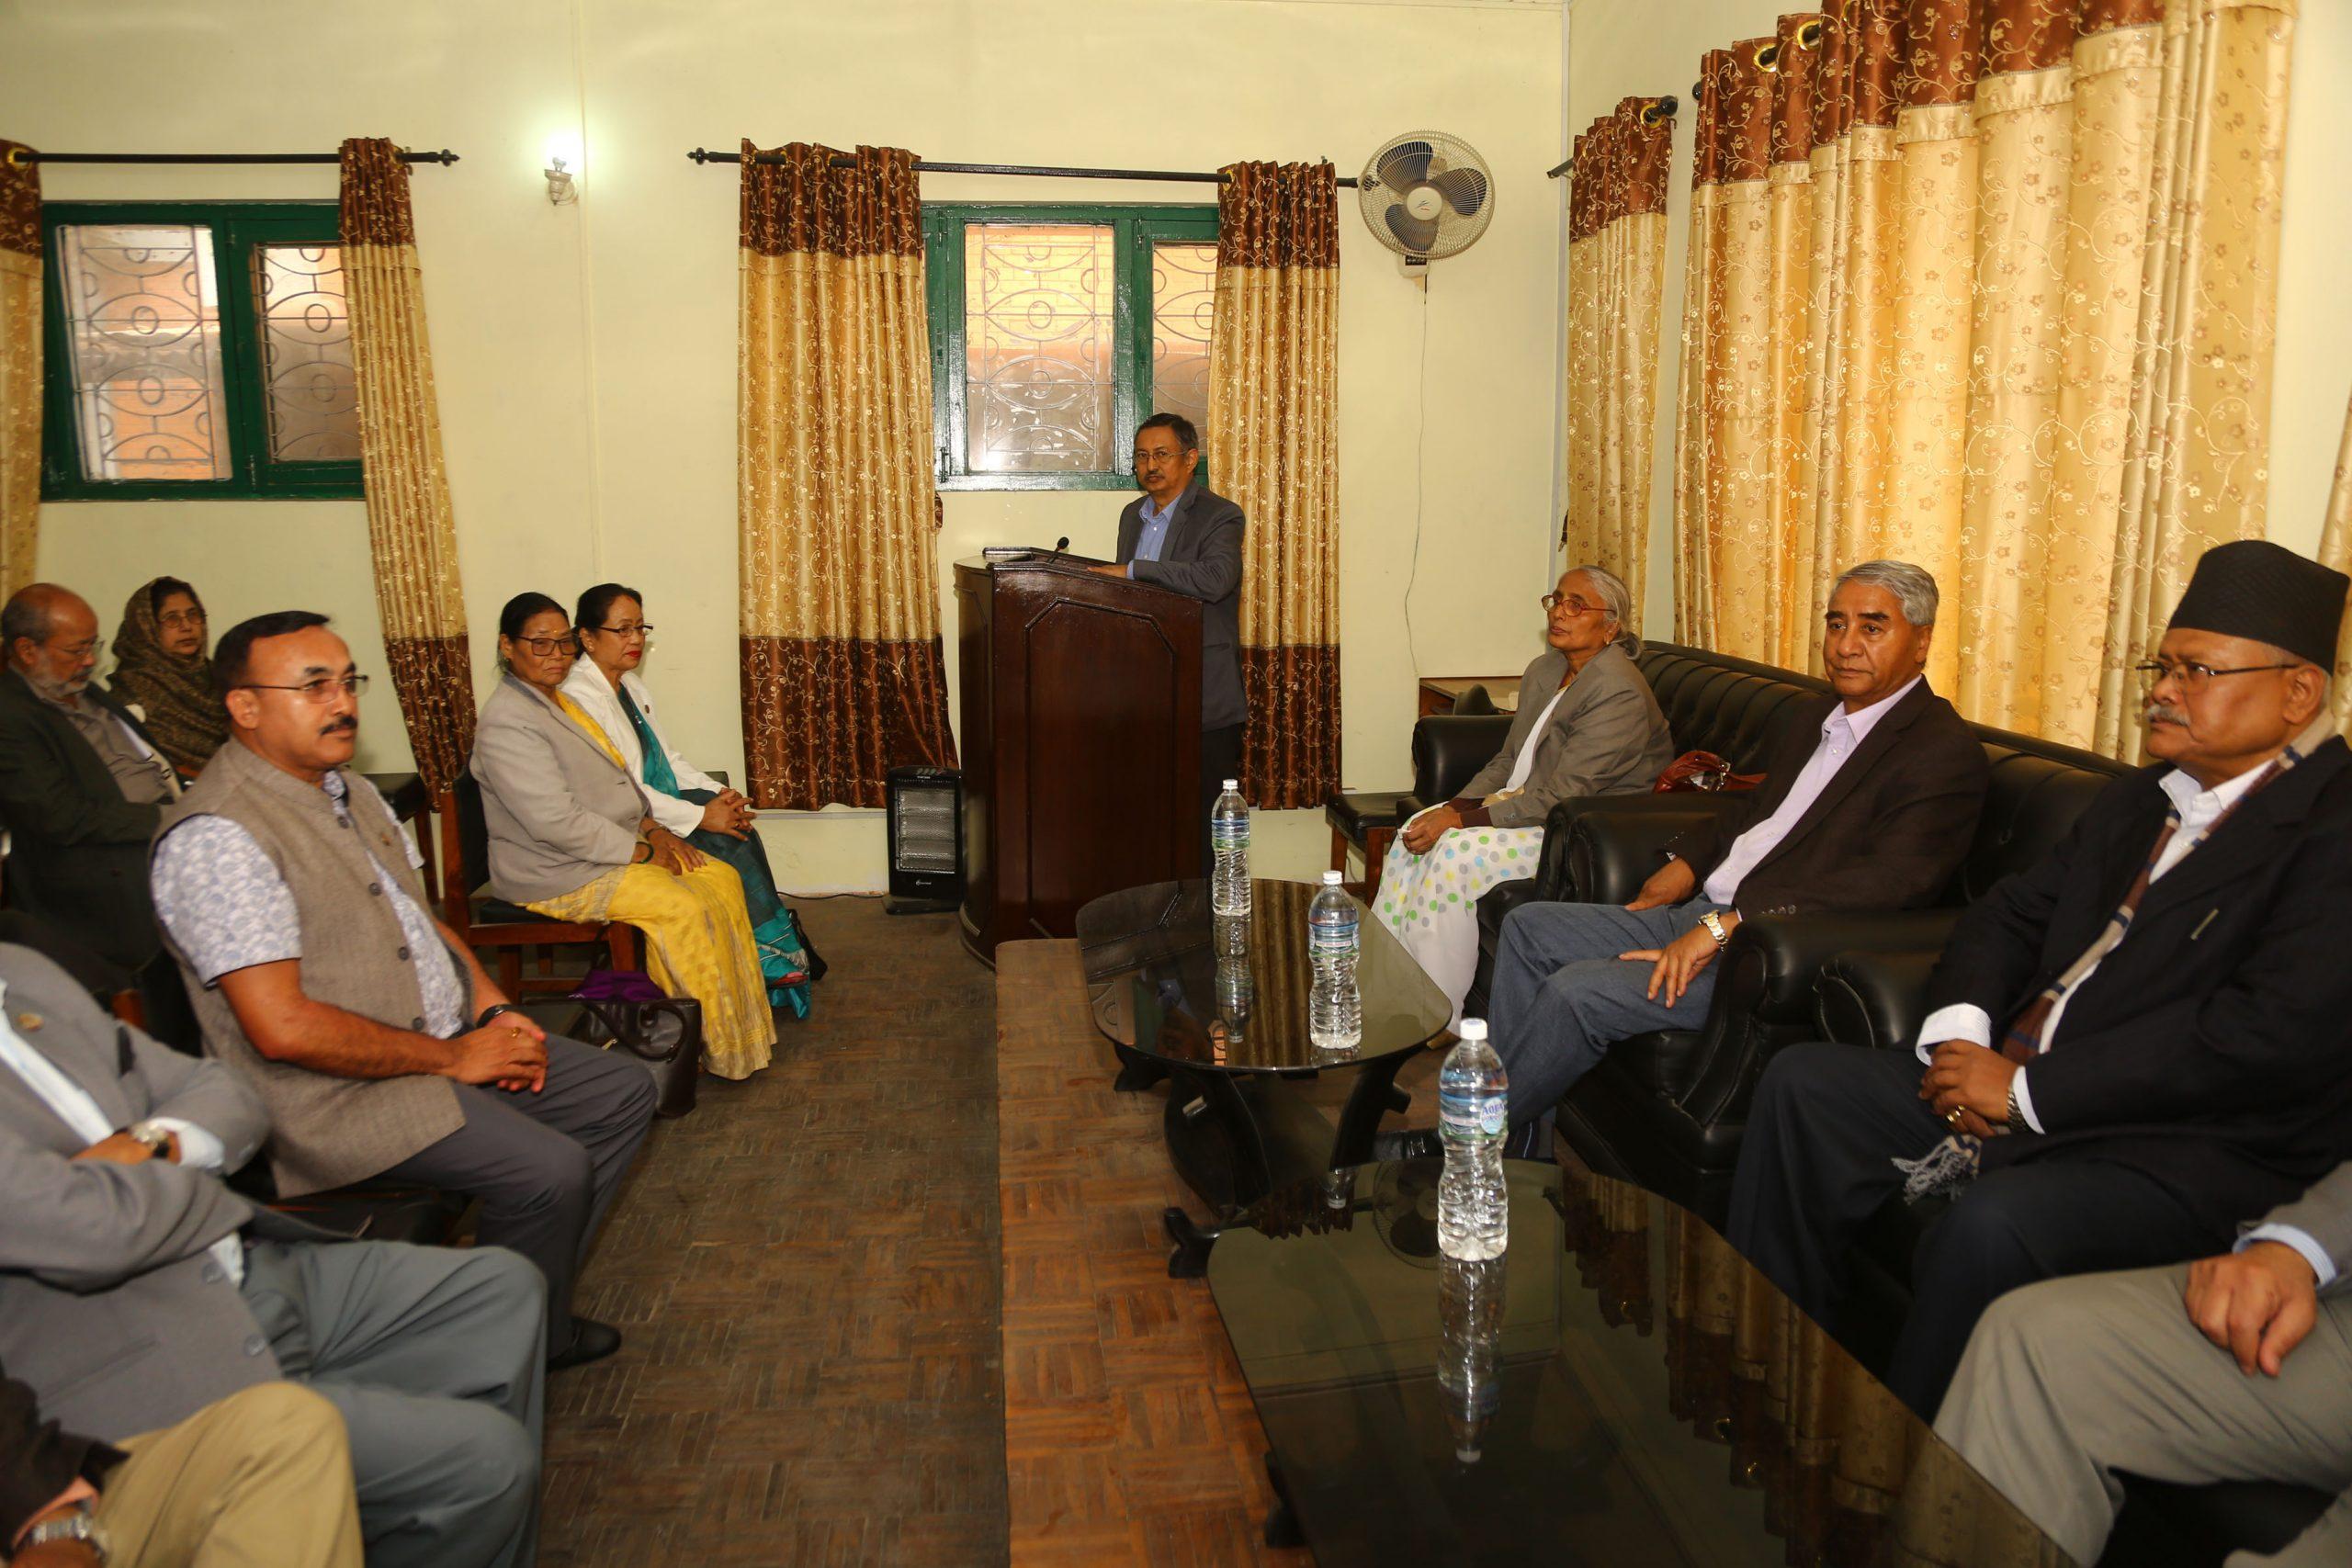 सरकारको नीति तथा कार्यक्रममाथि नेपाली काँग्रेसको संशोधन प्रस्ताव दर्ता